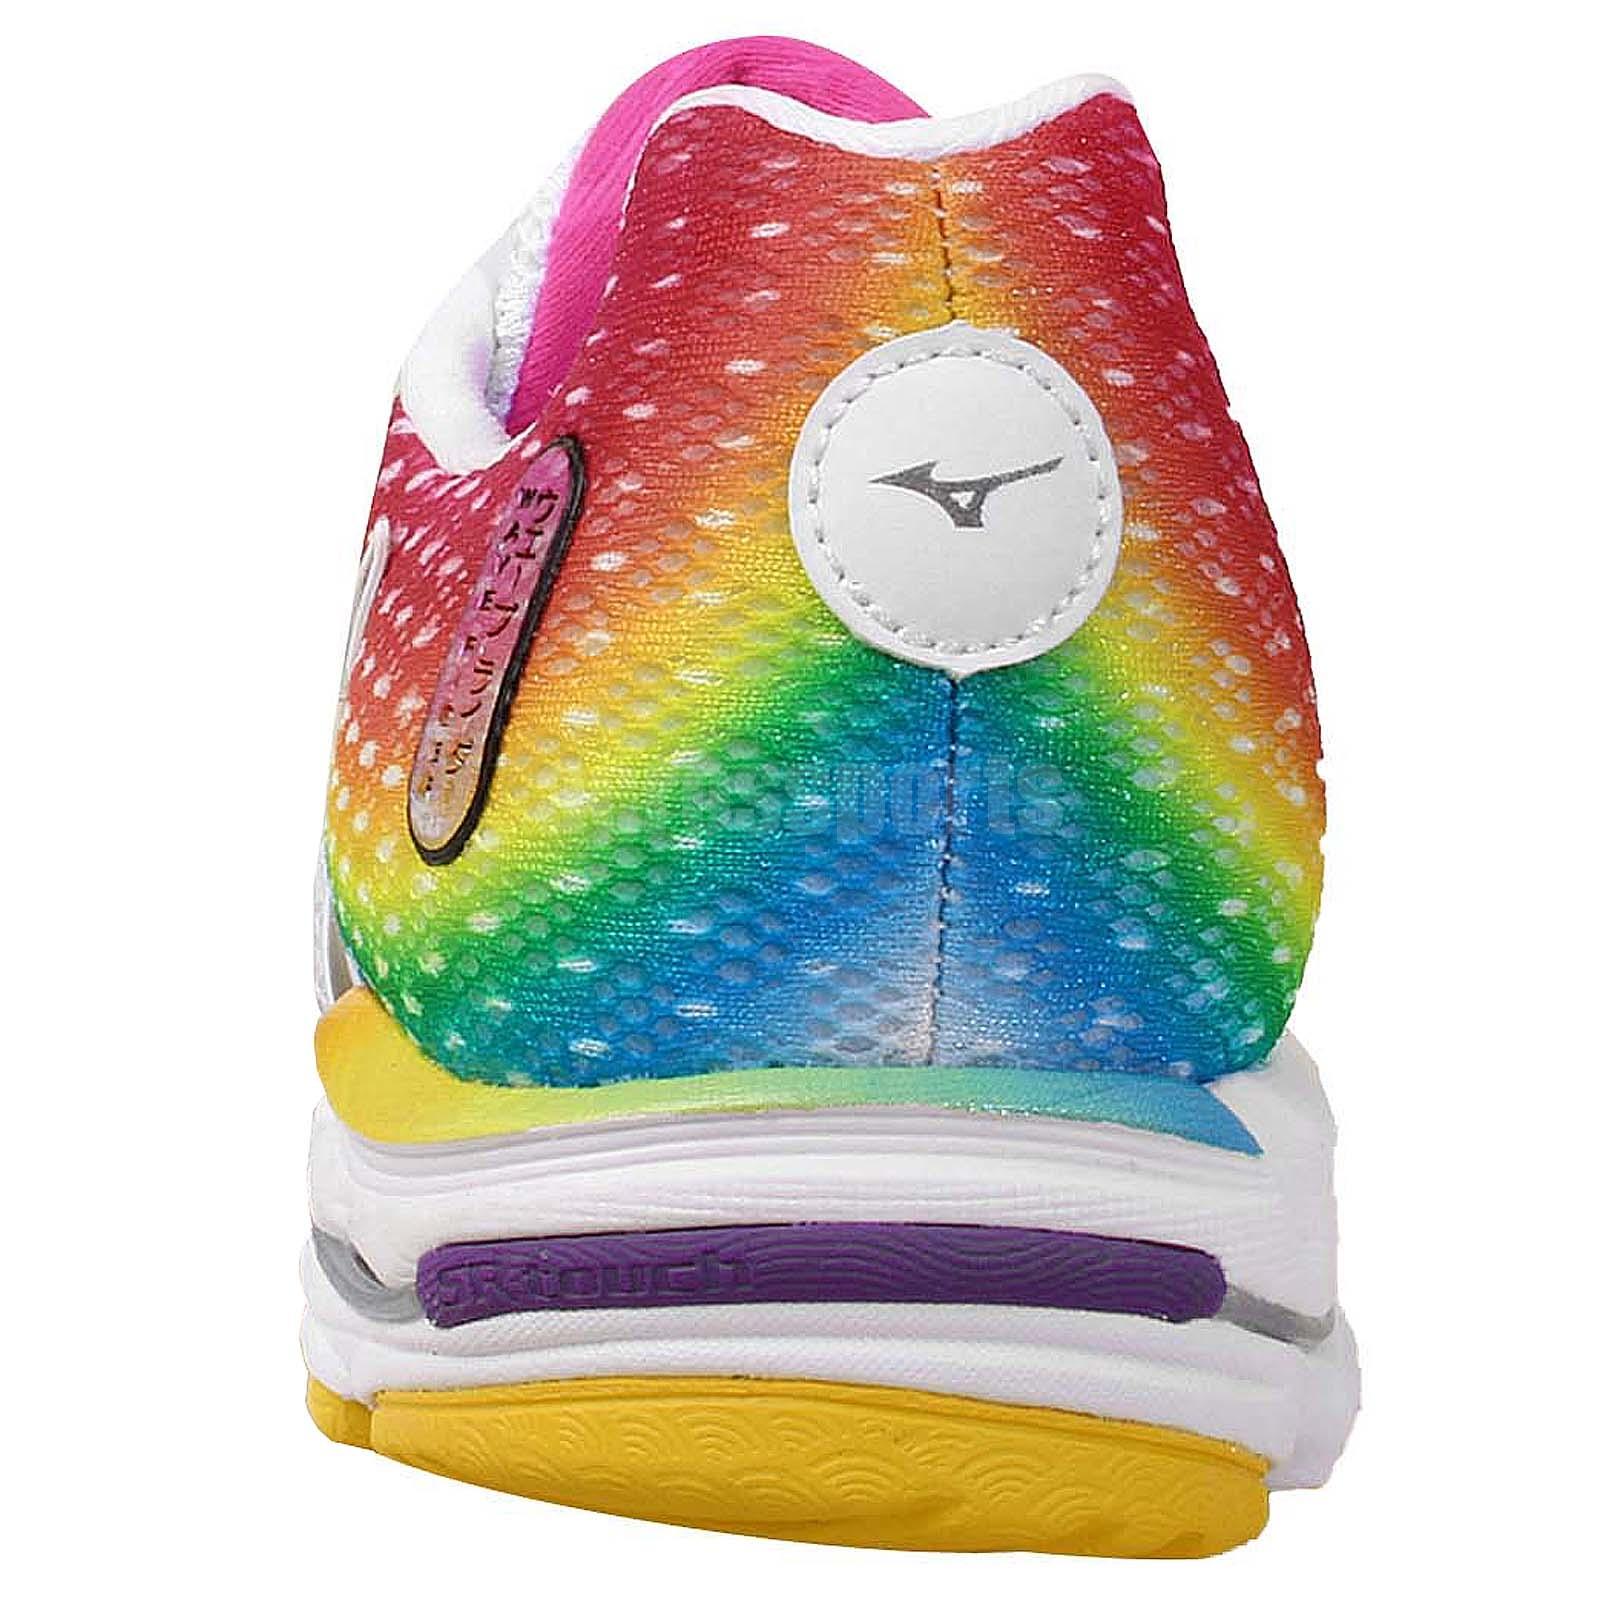 mizuno rainbow shoes - sochim.com